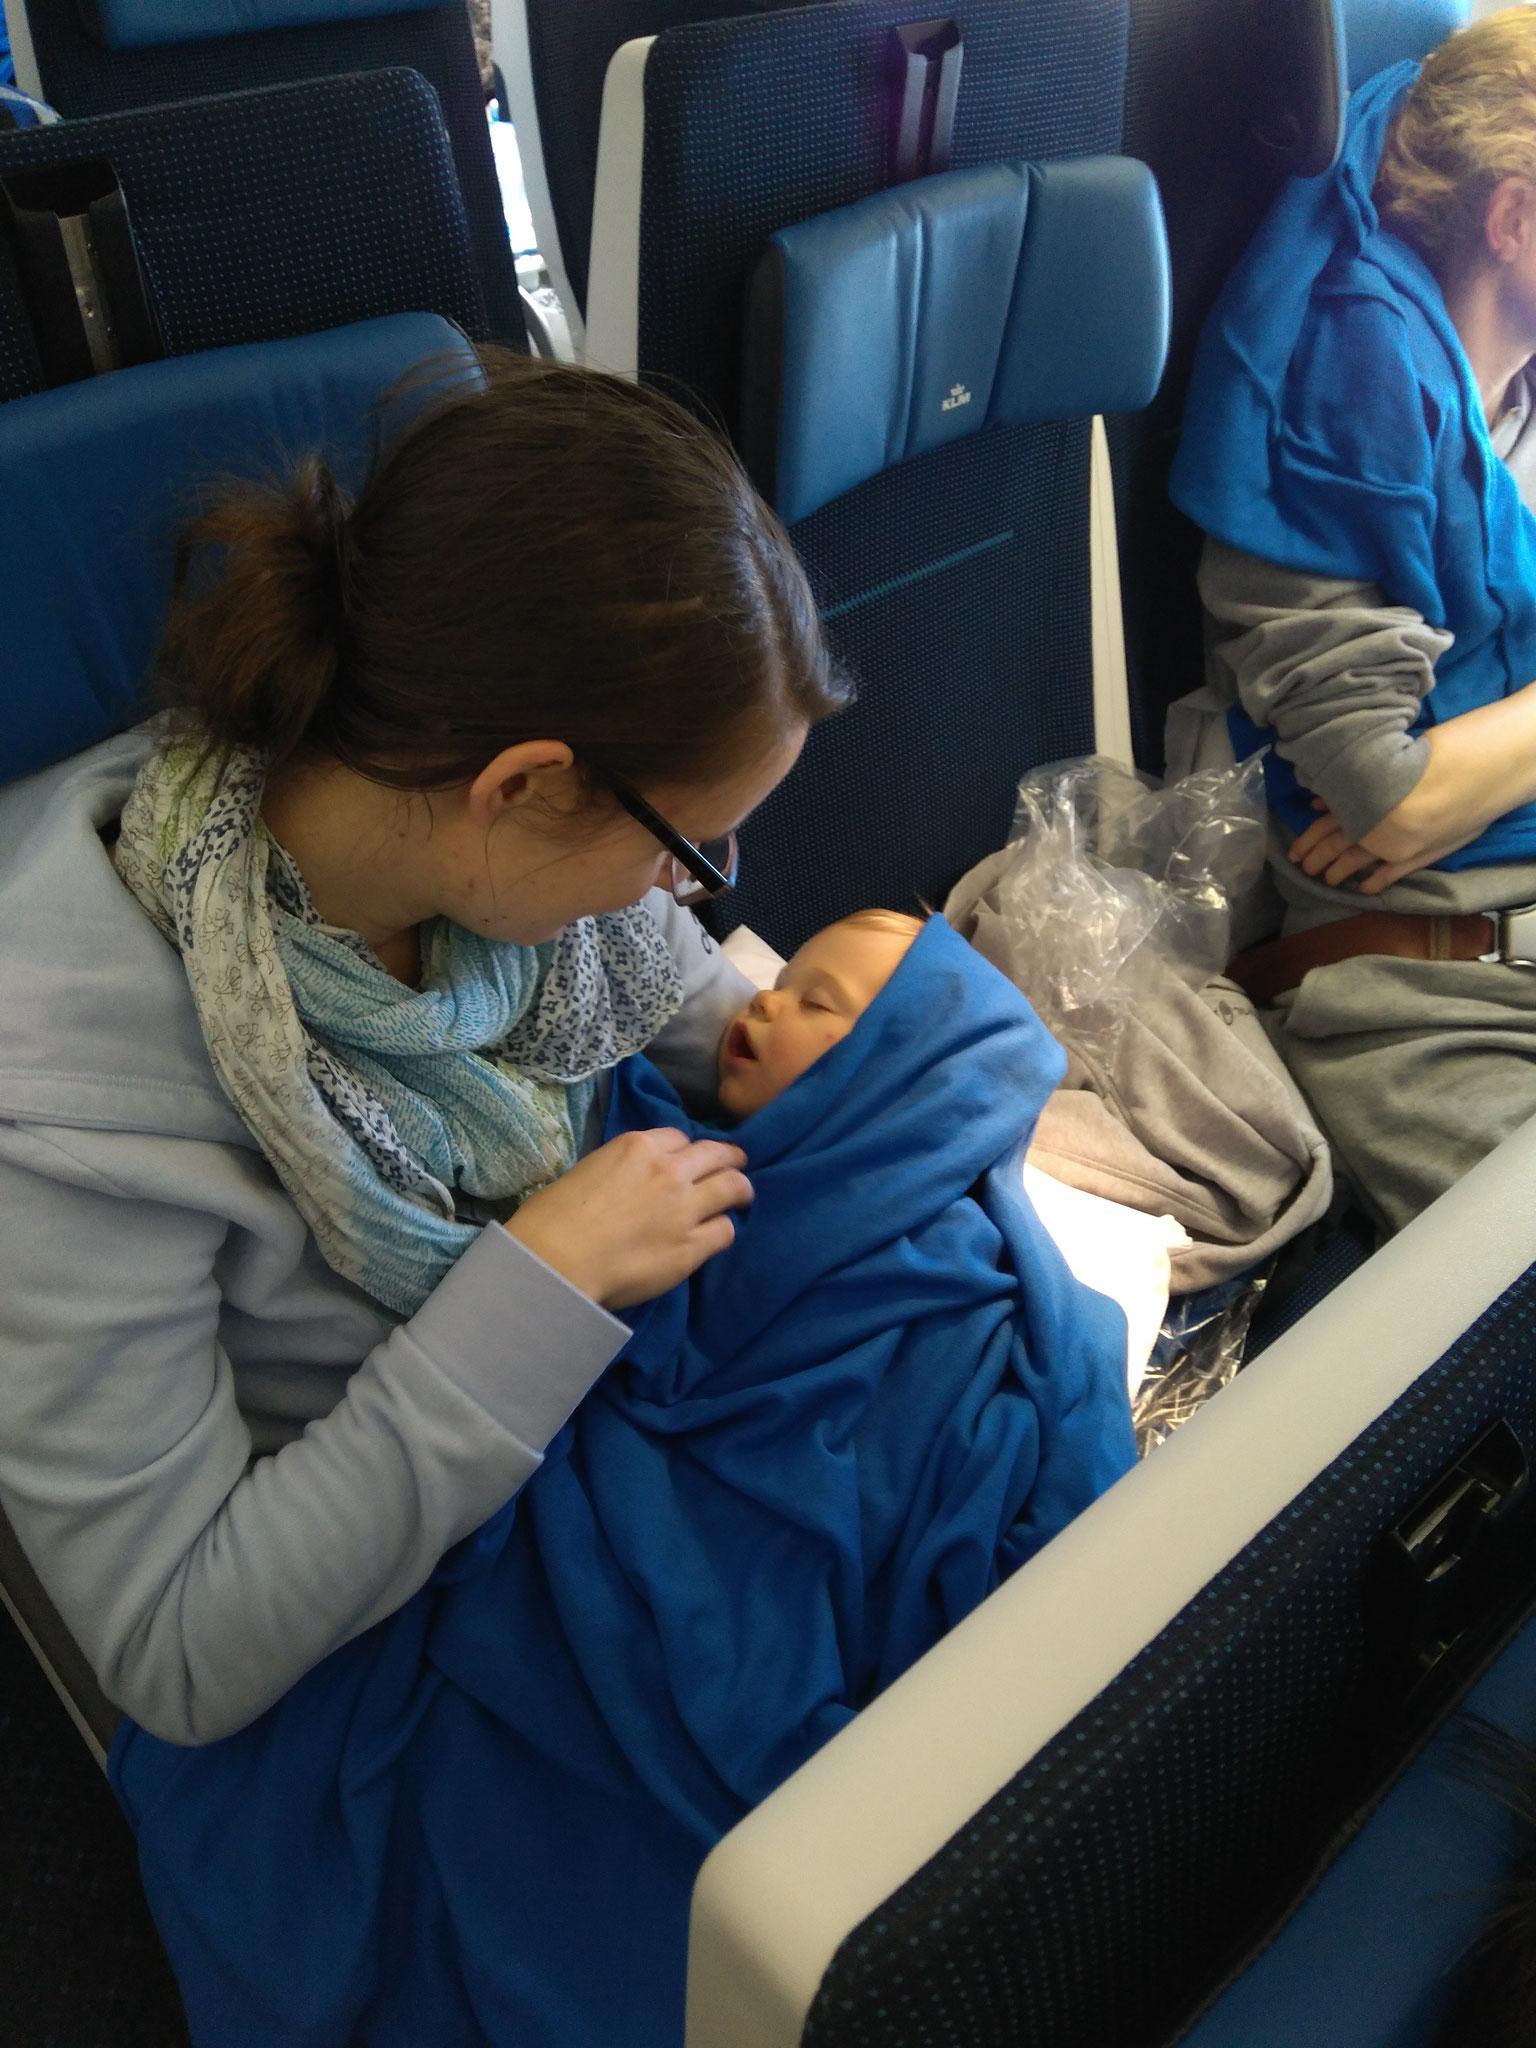 ... dass Betty direkt bei uns sitzen konnte und nicht wie auf ihrem Boardingpass angegeben, weiter vorne im Flugzeug.